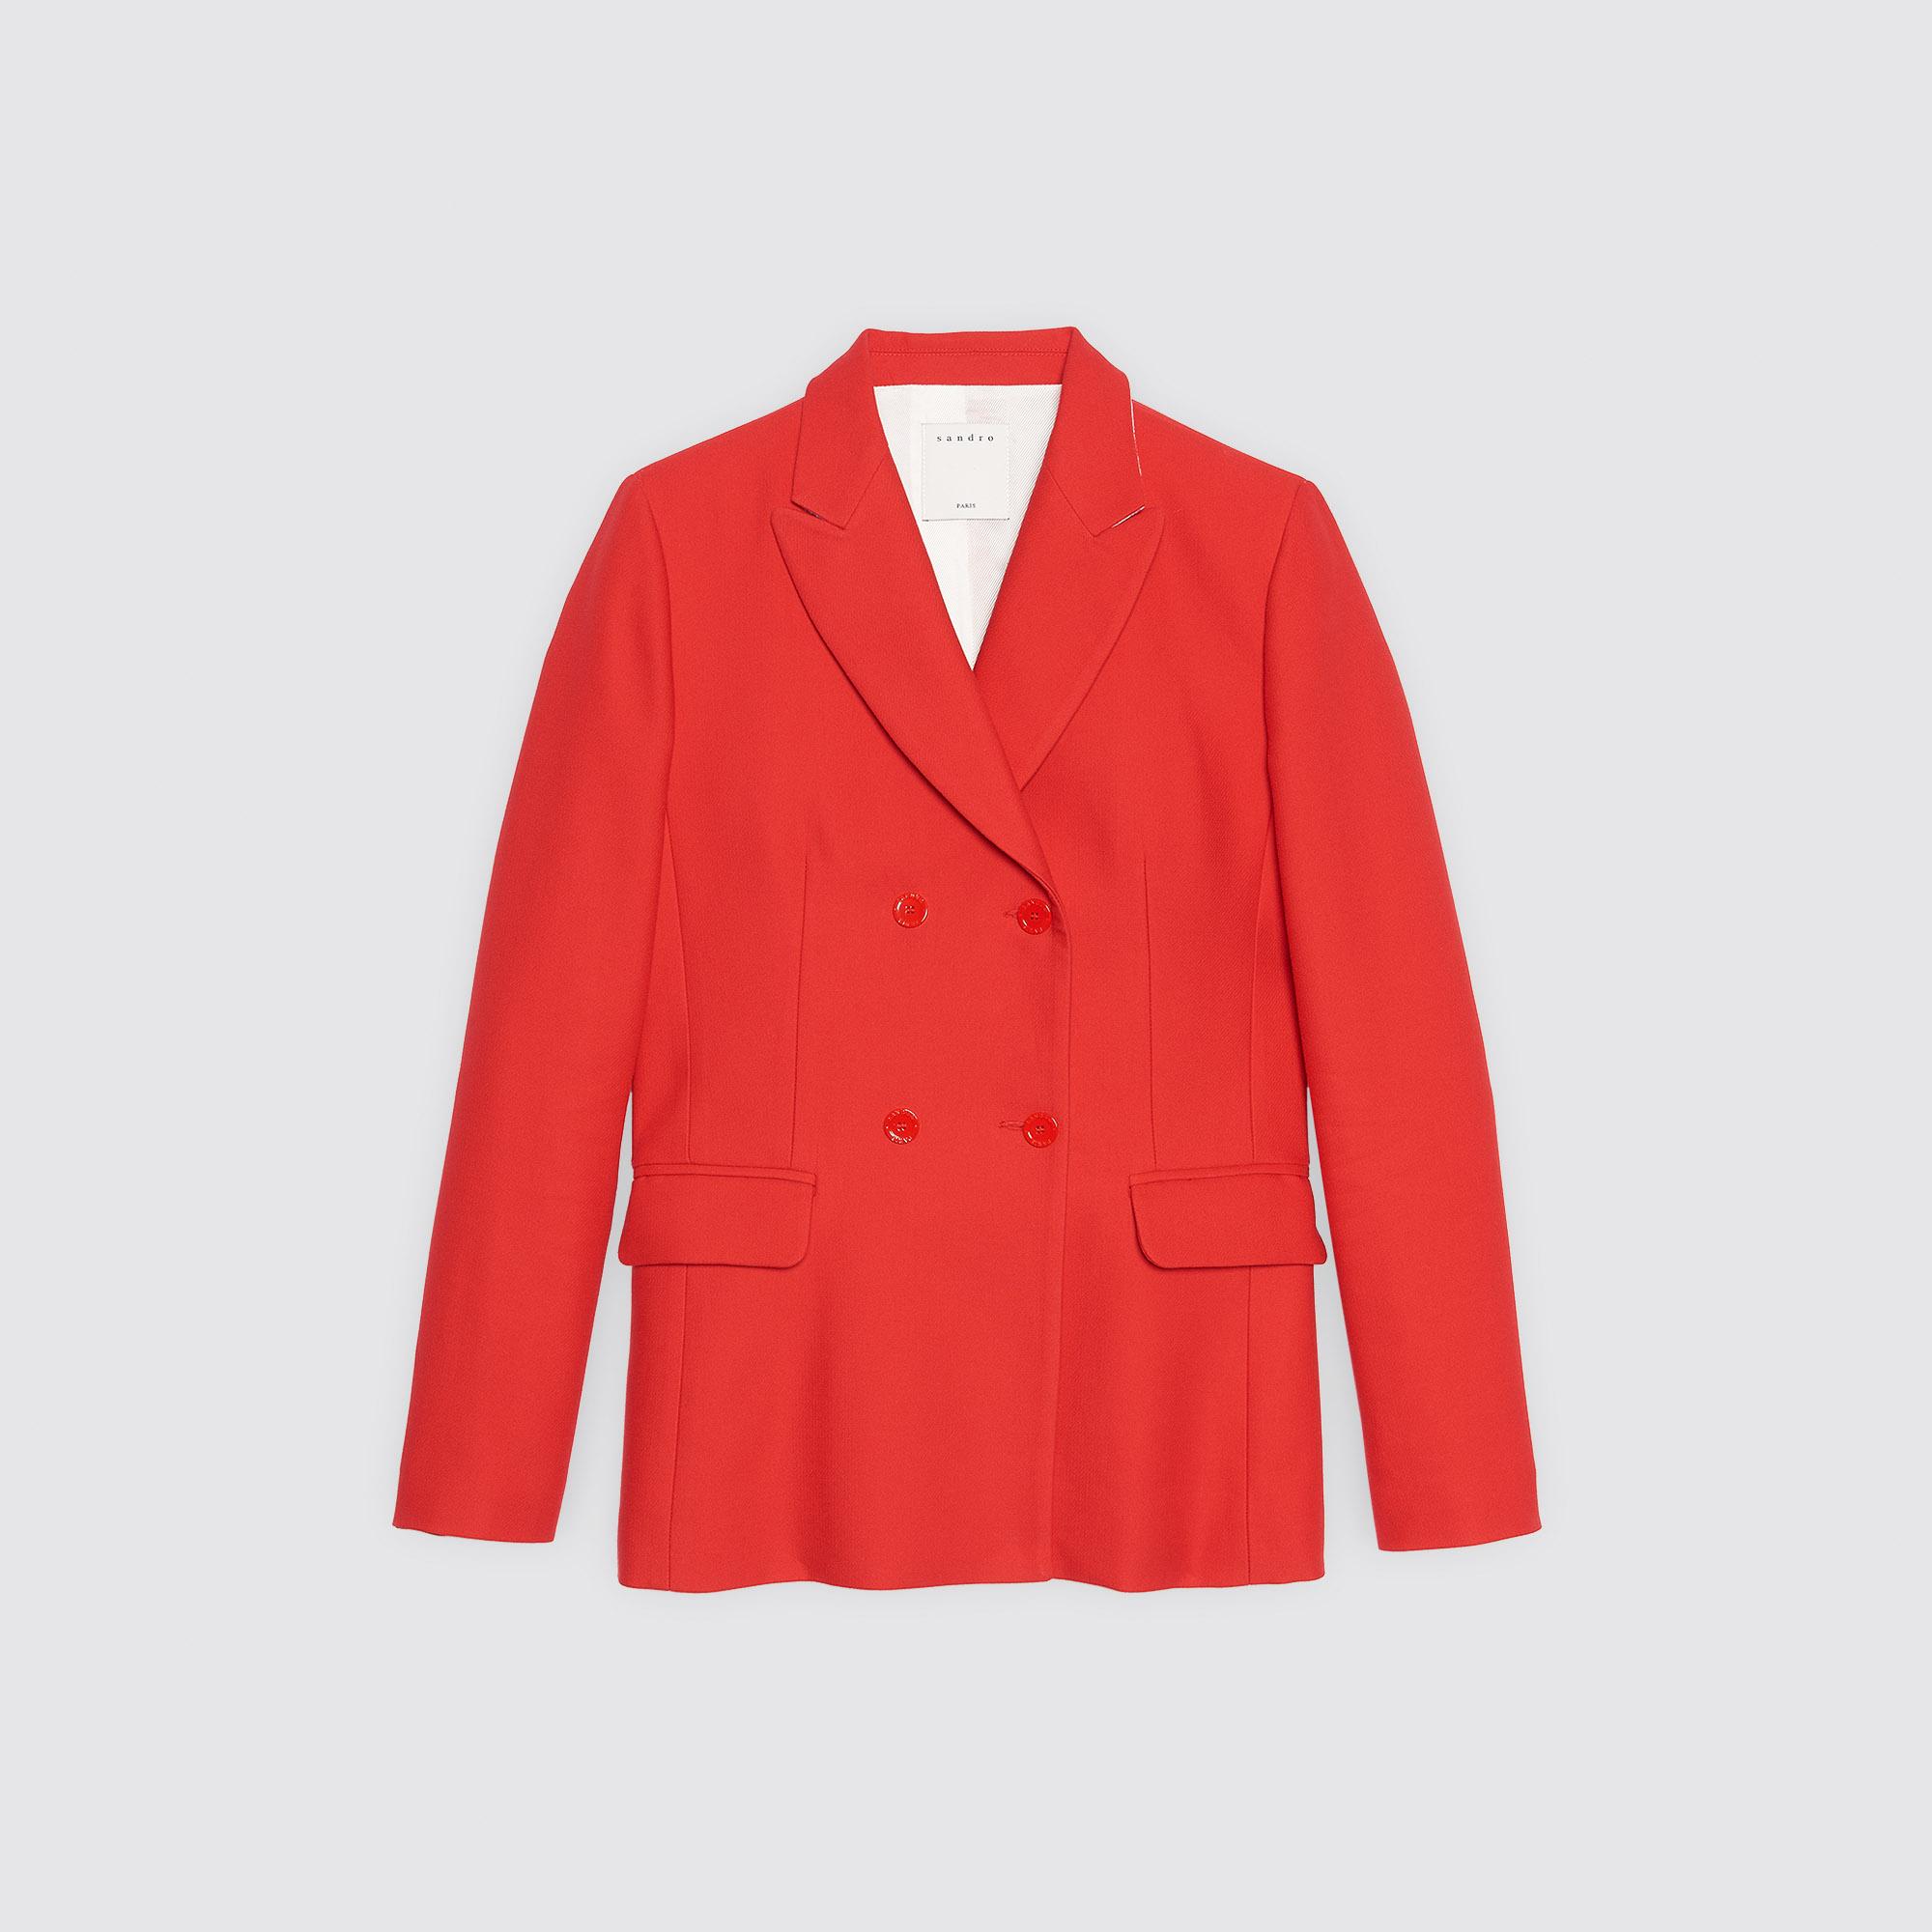 Giacca con doppia abbottonatura : Collezione Estiva colore Rouge écarlate